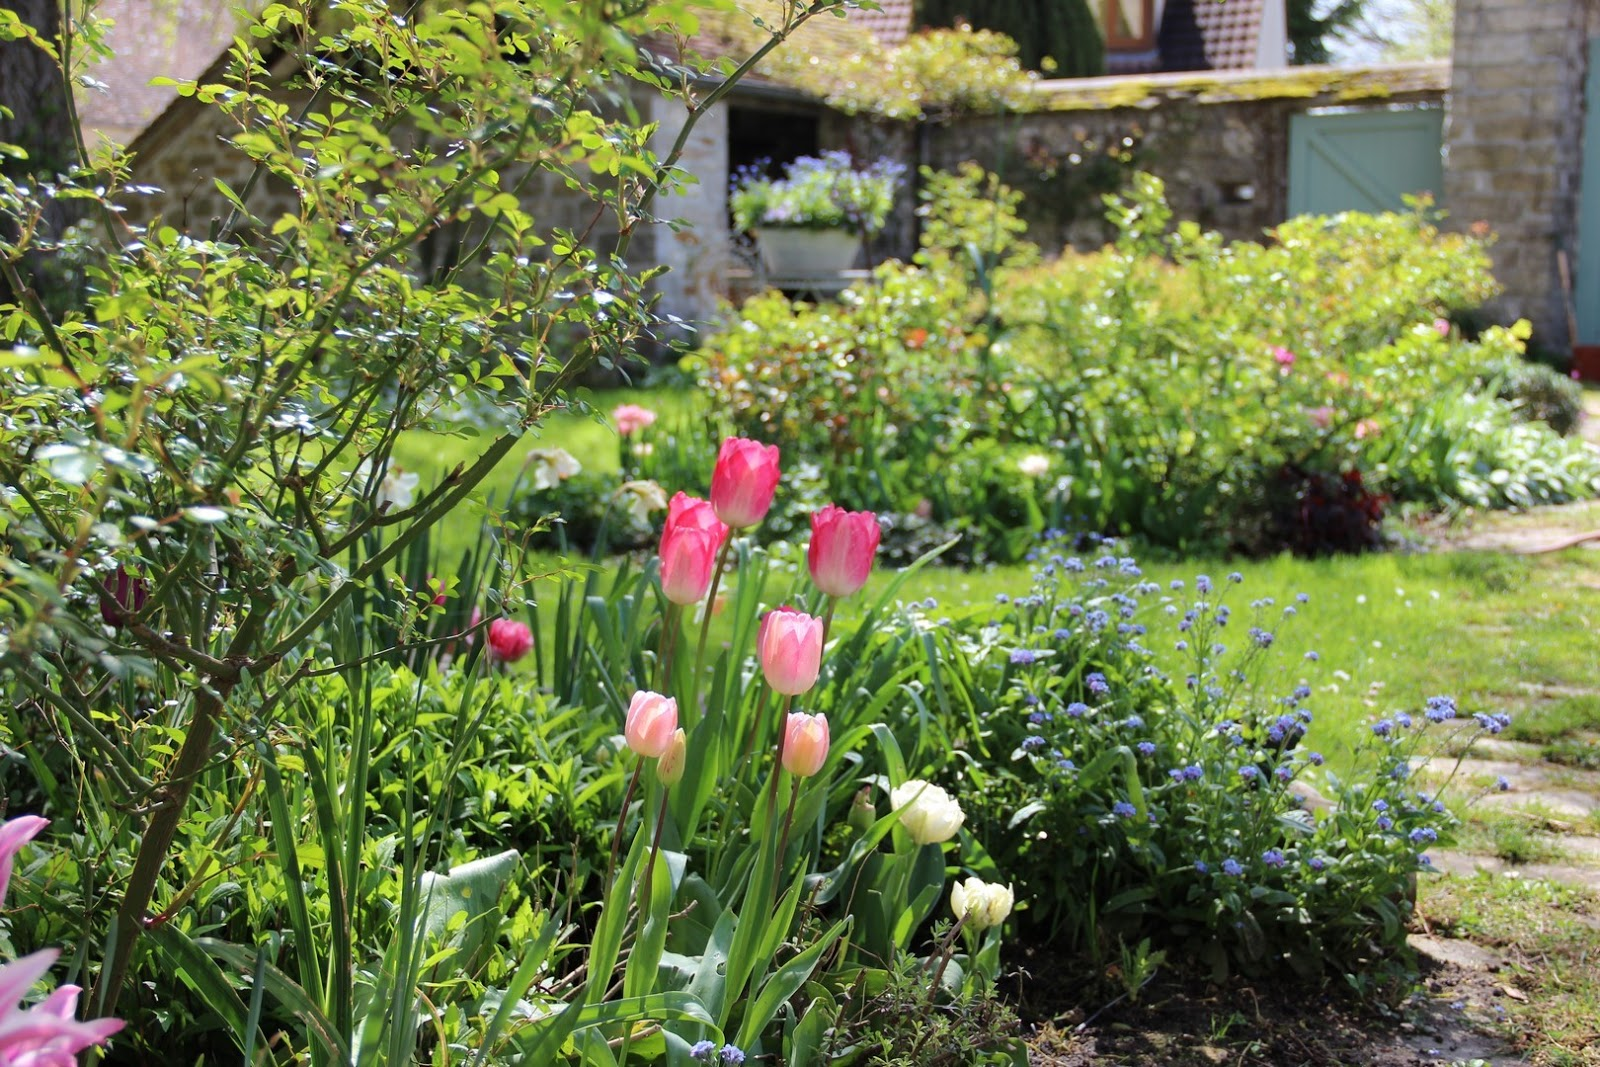 Derri re les murs de mon jardin l clat du printemps - Derriere les murs de mon jardin ...